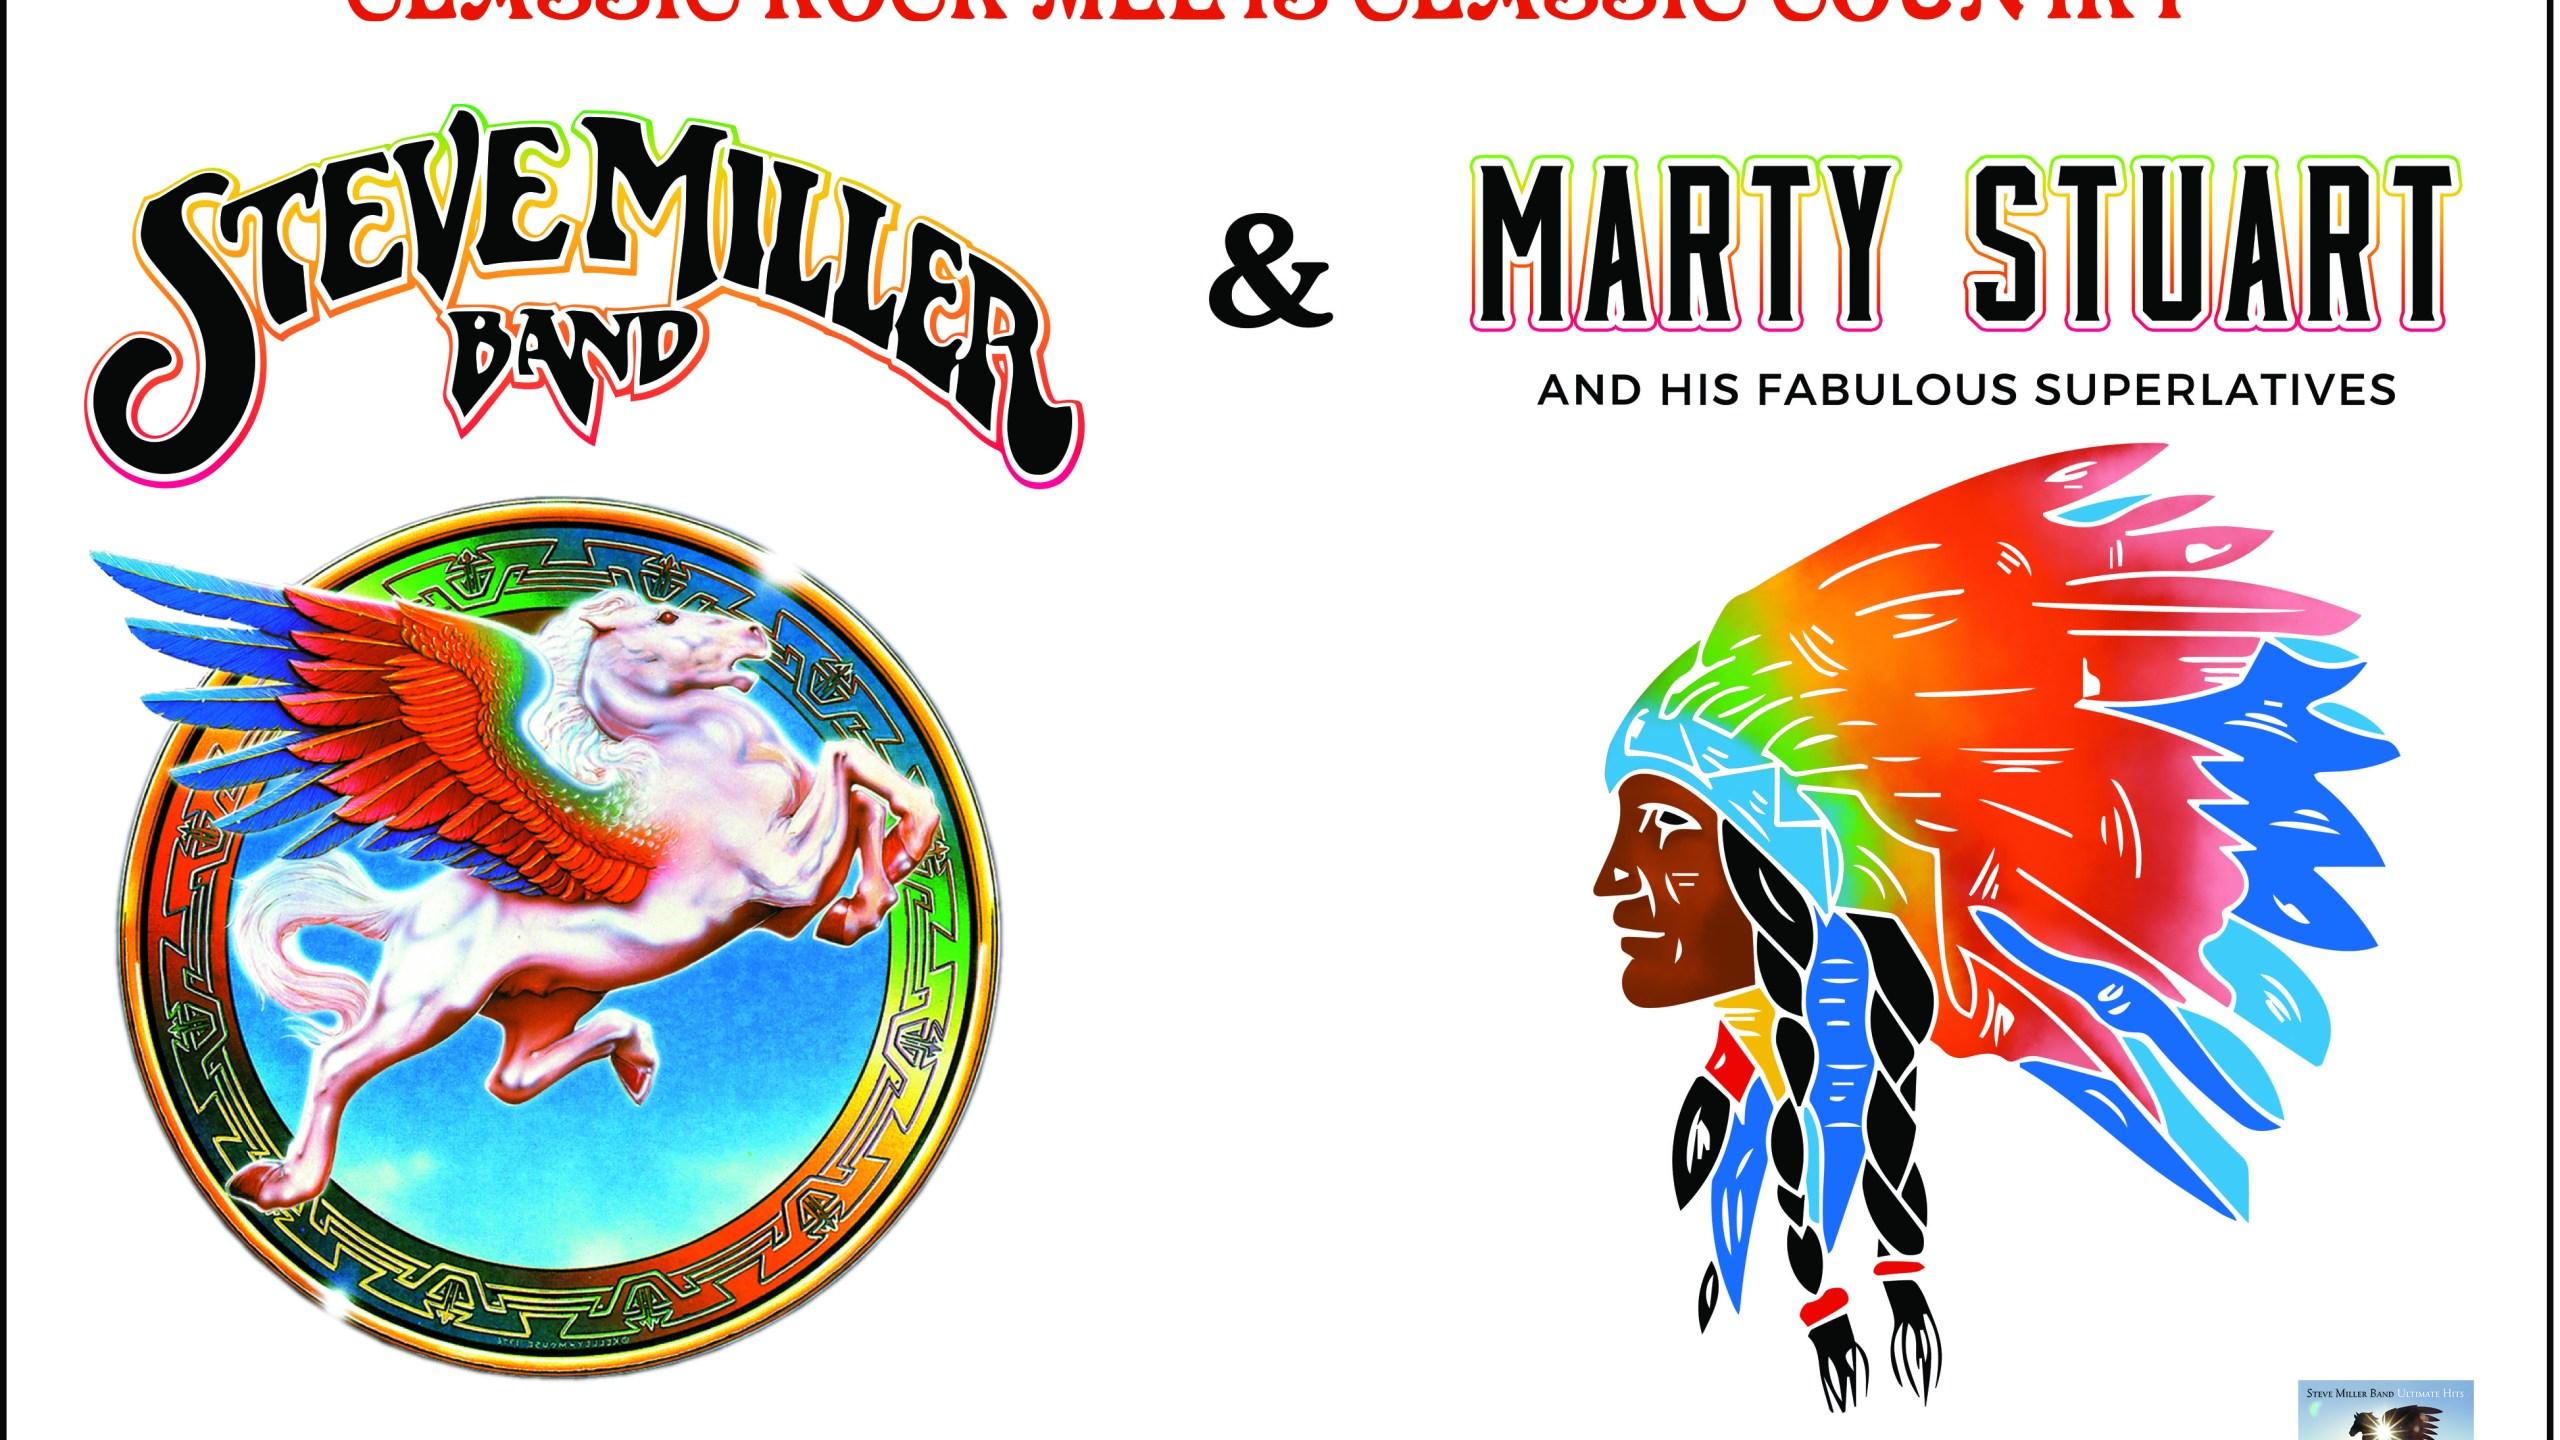 SteveMillerBand&MartyStuart_1550507057139.jpg